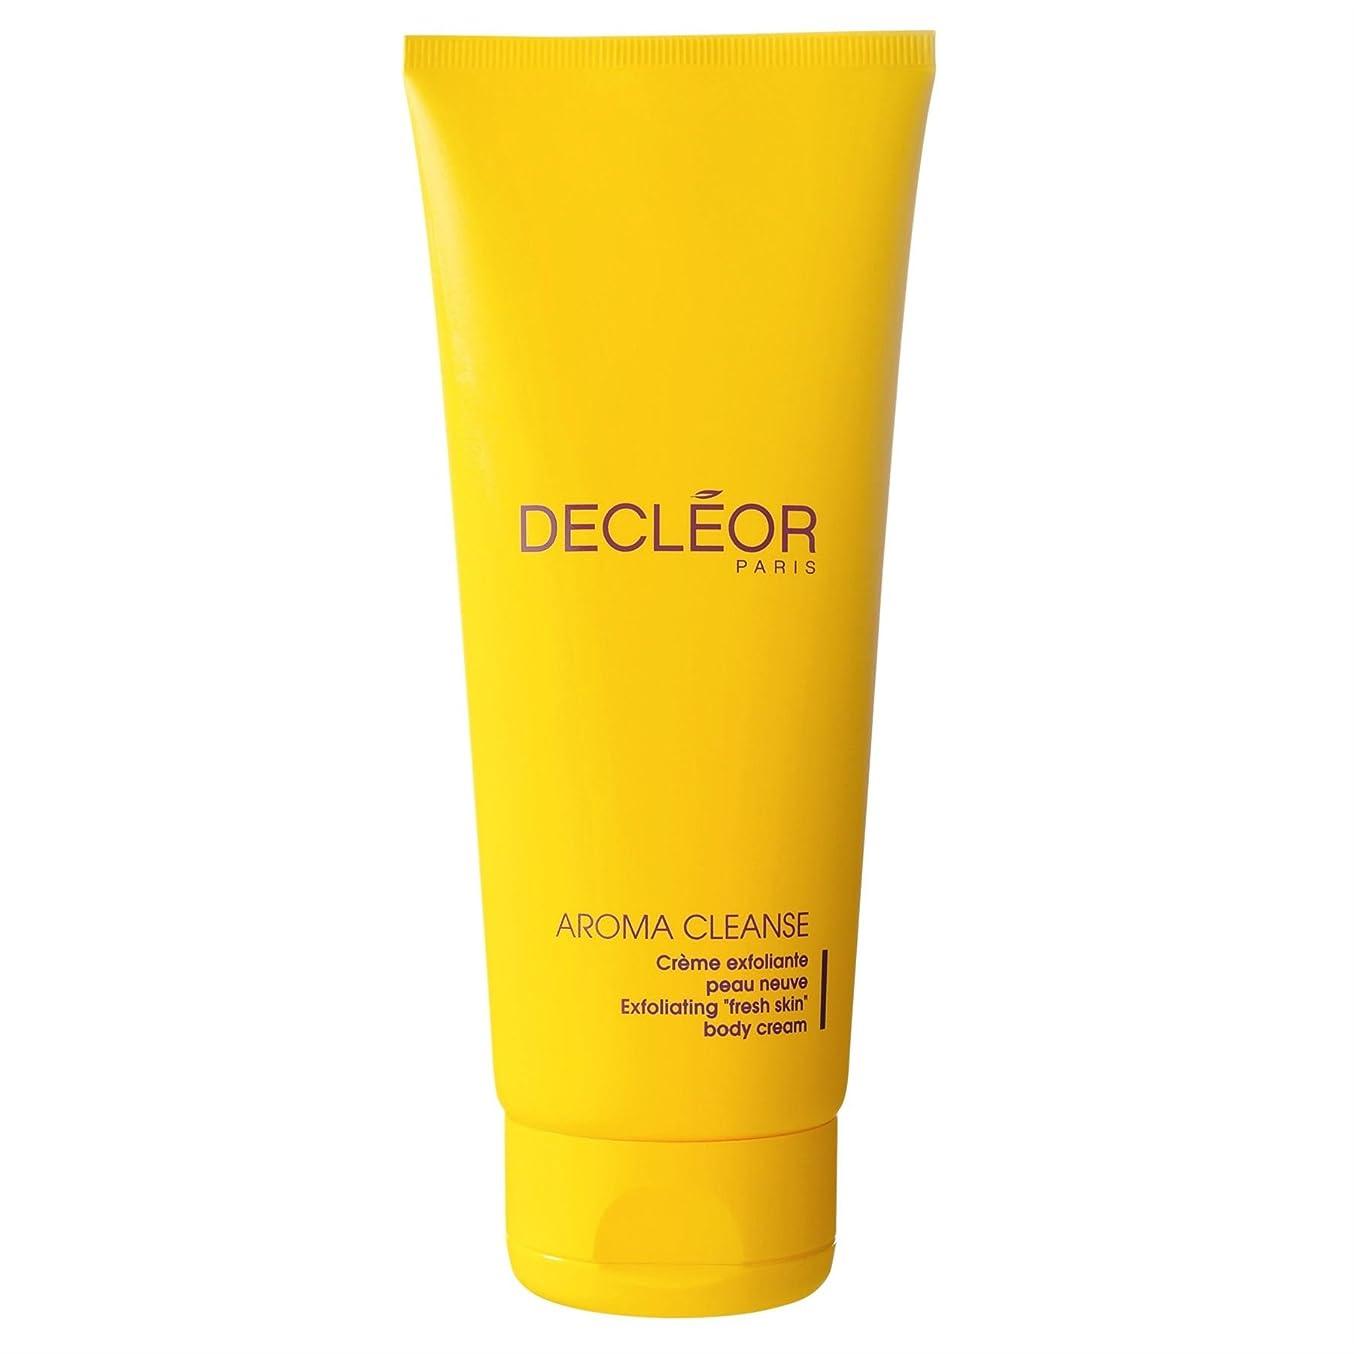 建てる作物比類なき[Decl?or ] デクレオール角質除去ボディクリーム200ミリリットル - Decl?or Exfoliating Body Cream 200ml [並行輸入品]